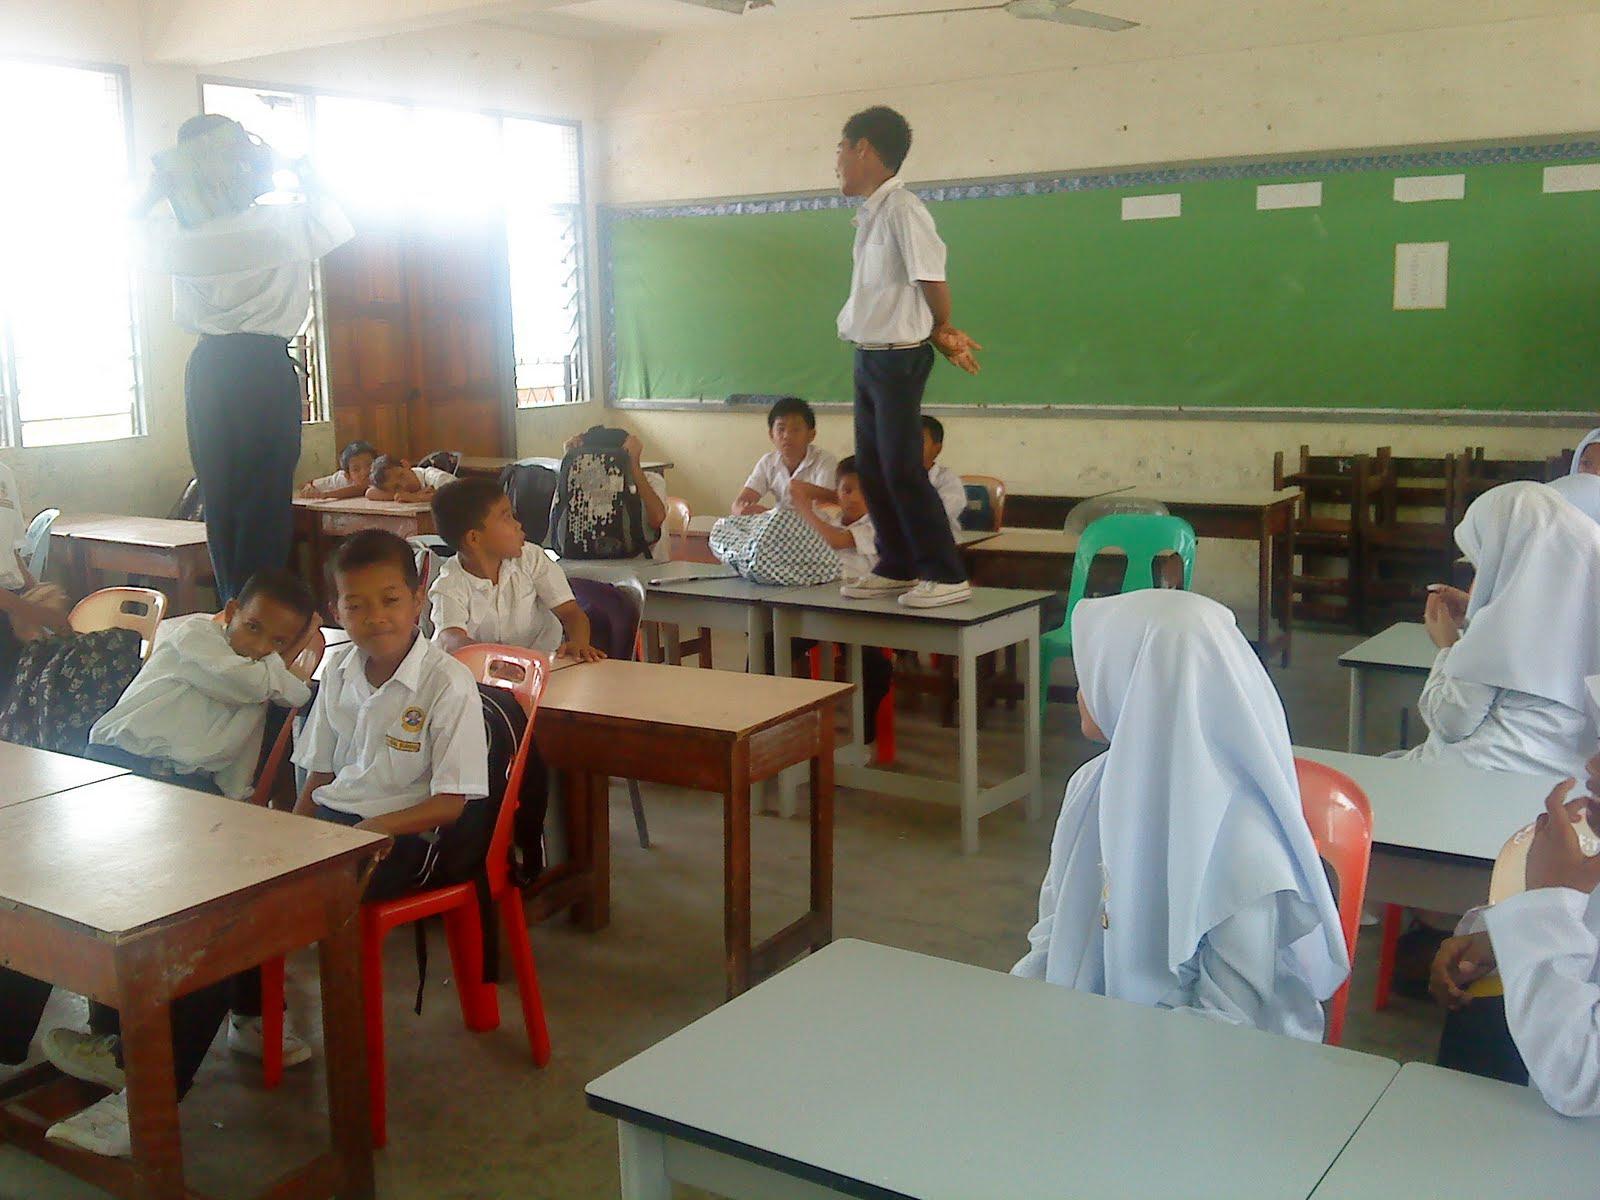 http://selongkar10.blogspot.com/2015/05/13-jenis-denda-di-zaman-sekolah-yang.html